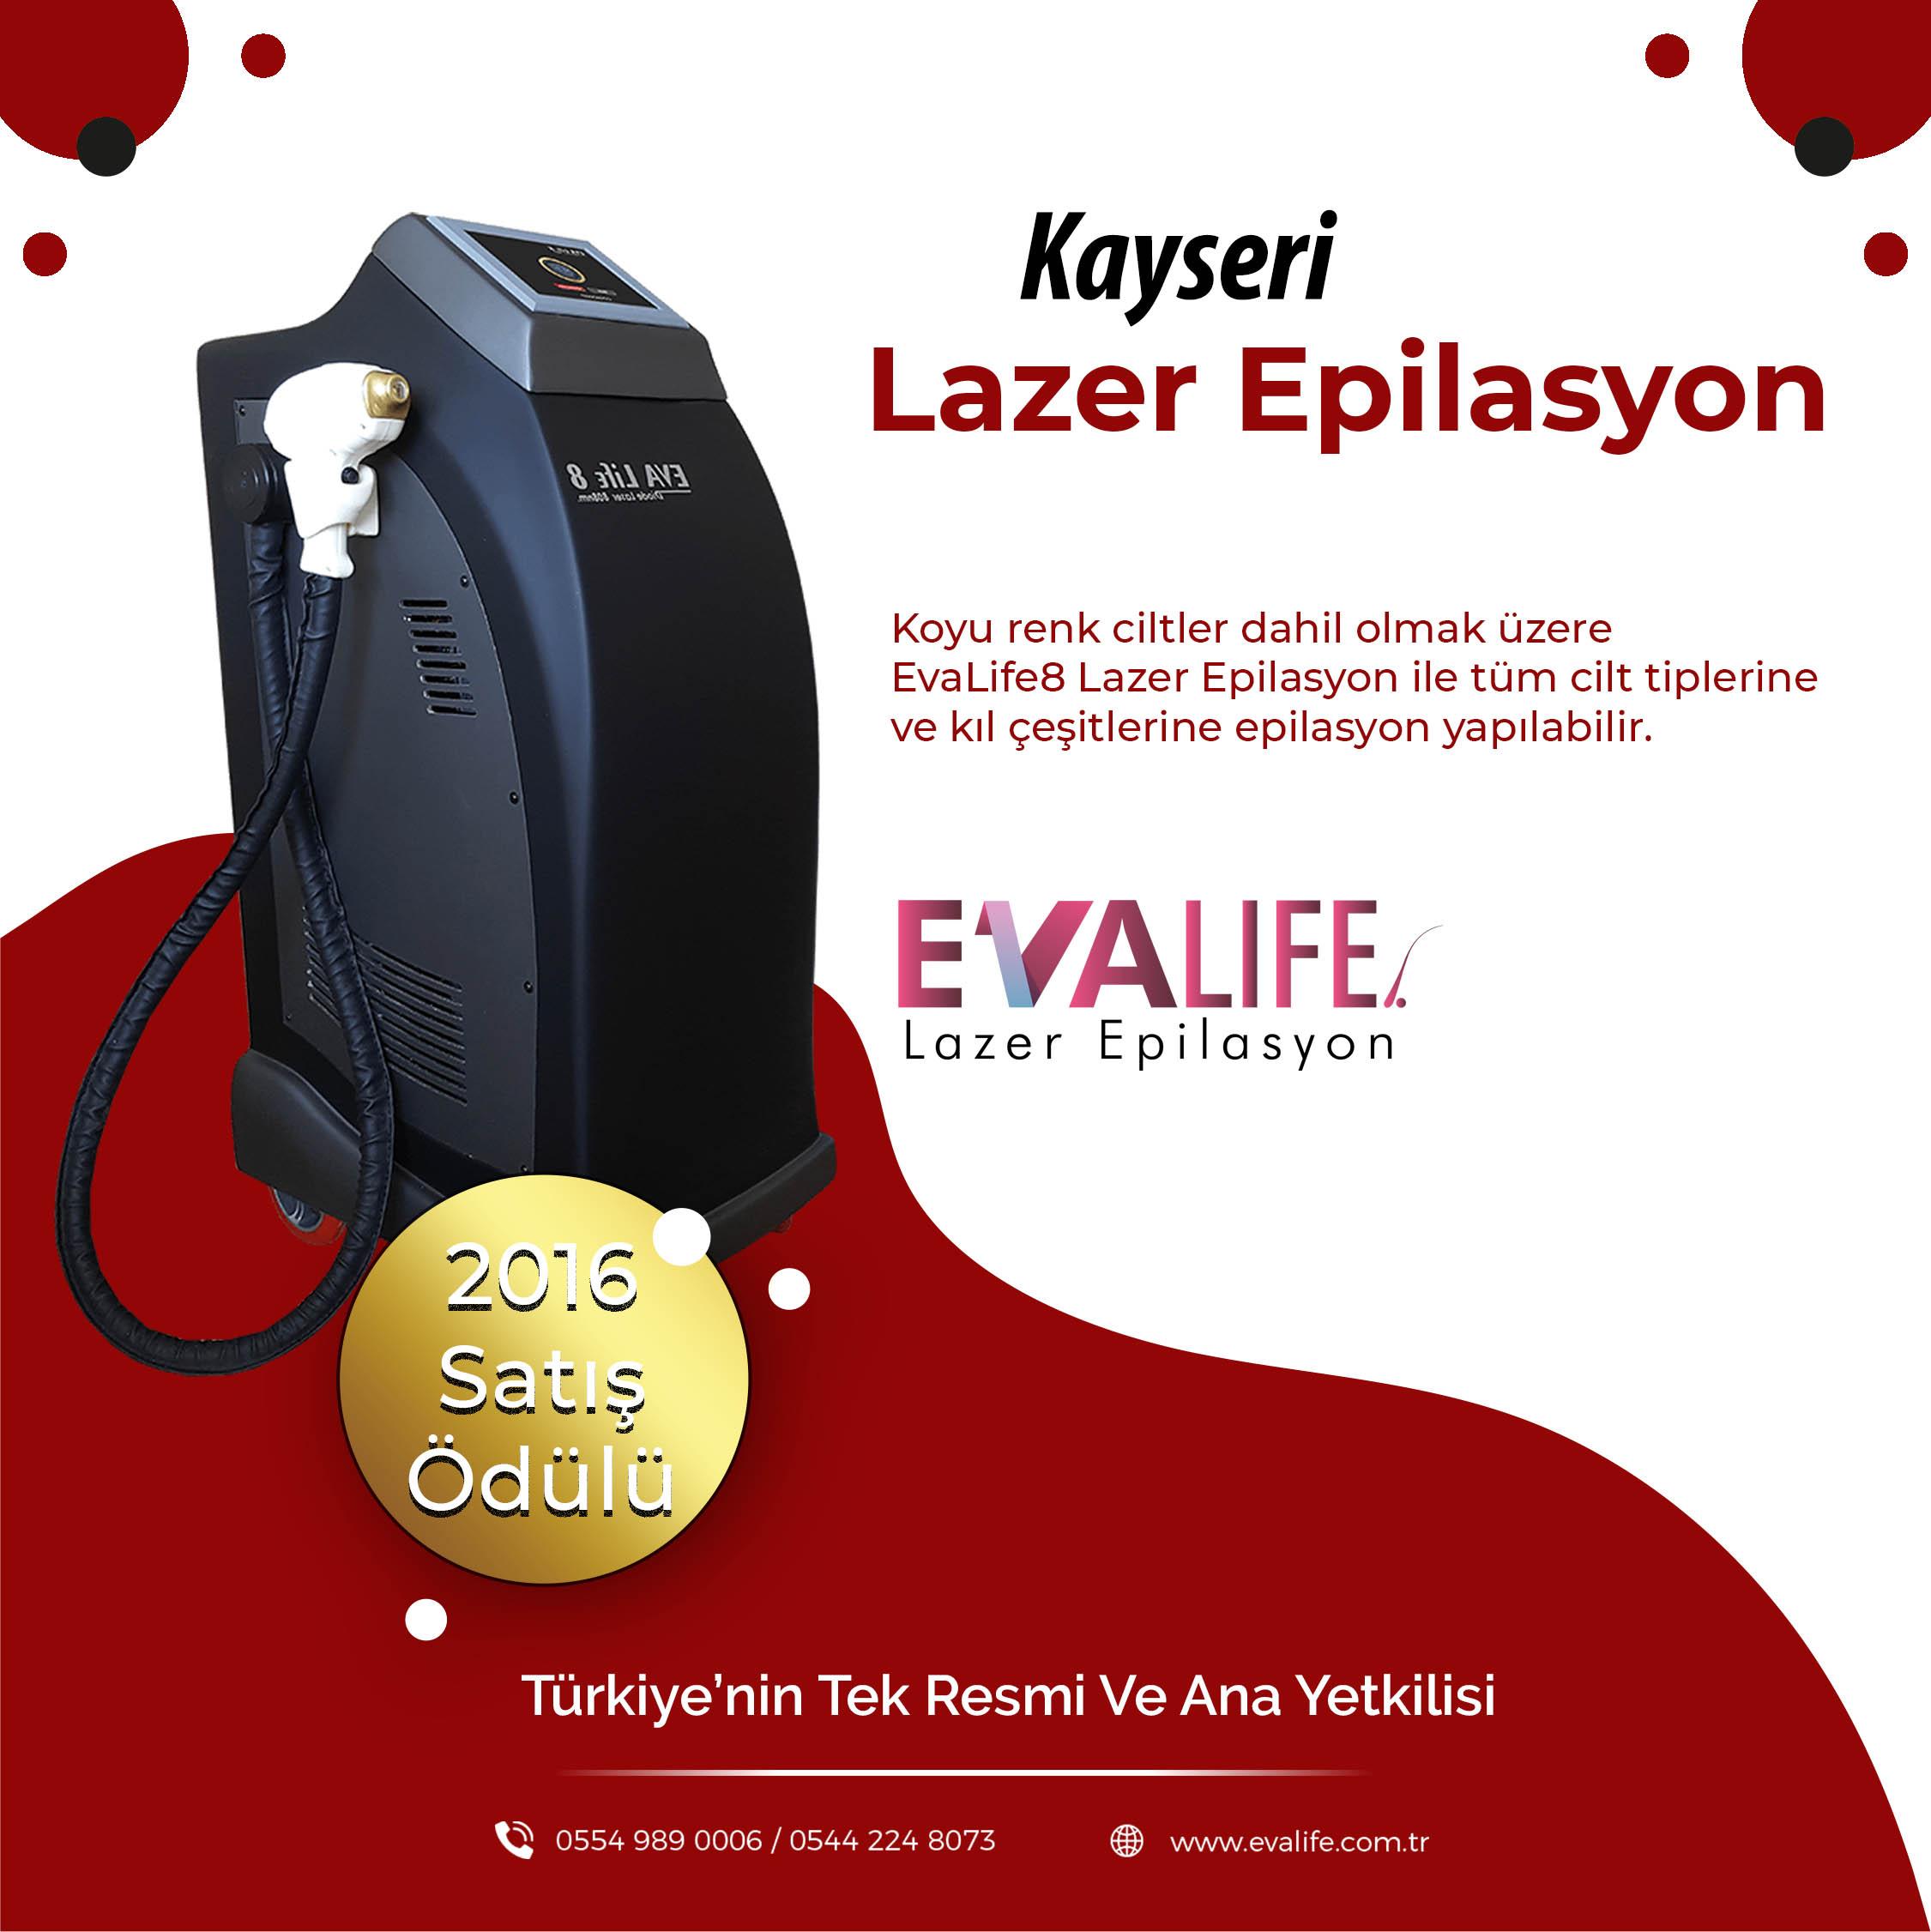 Kayseri Lazer Epilasyon